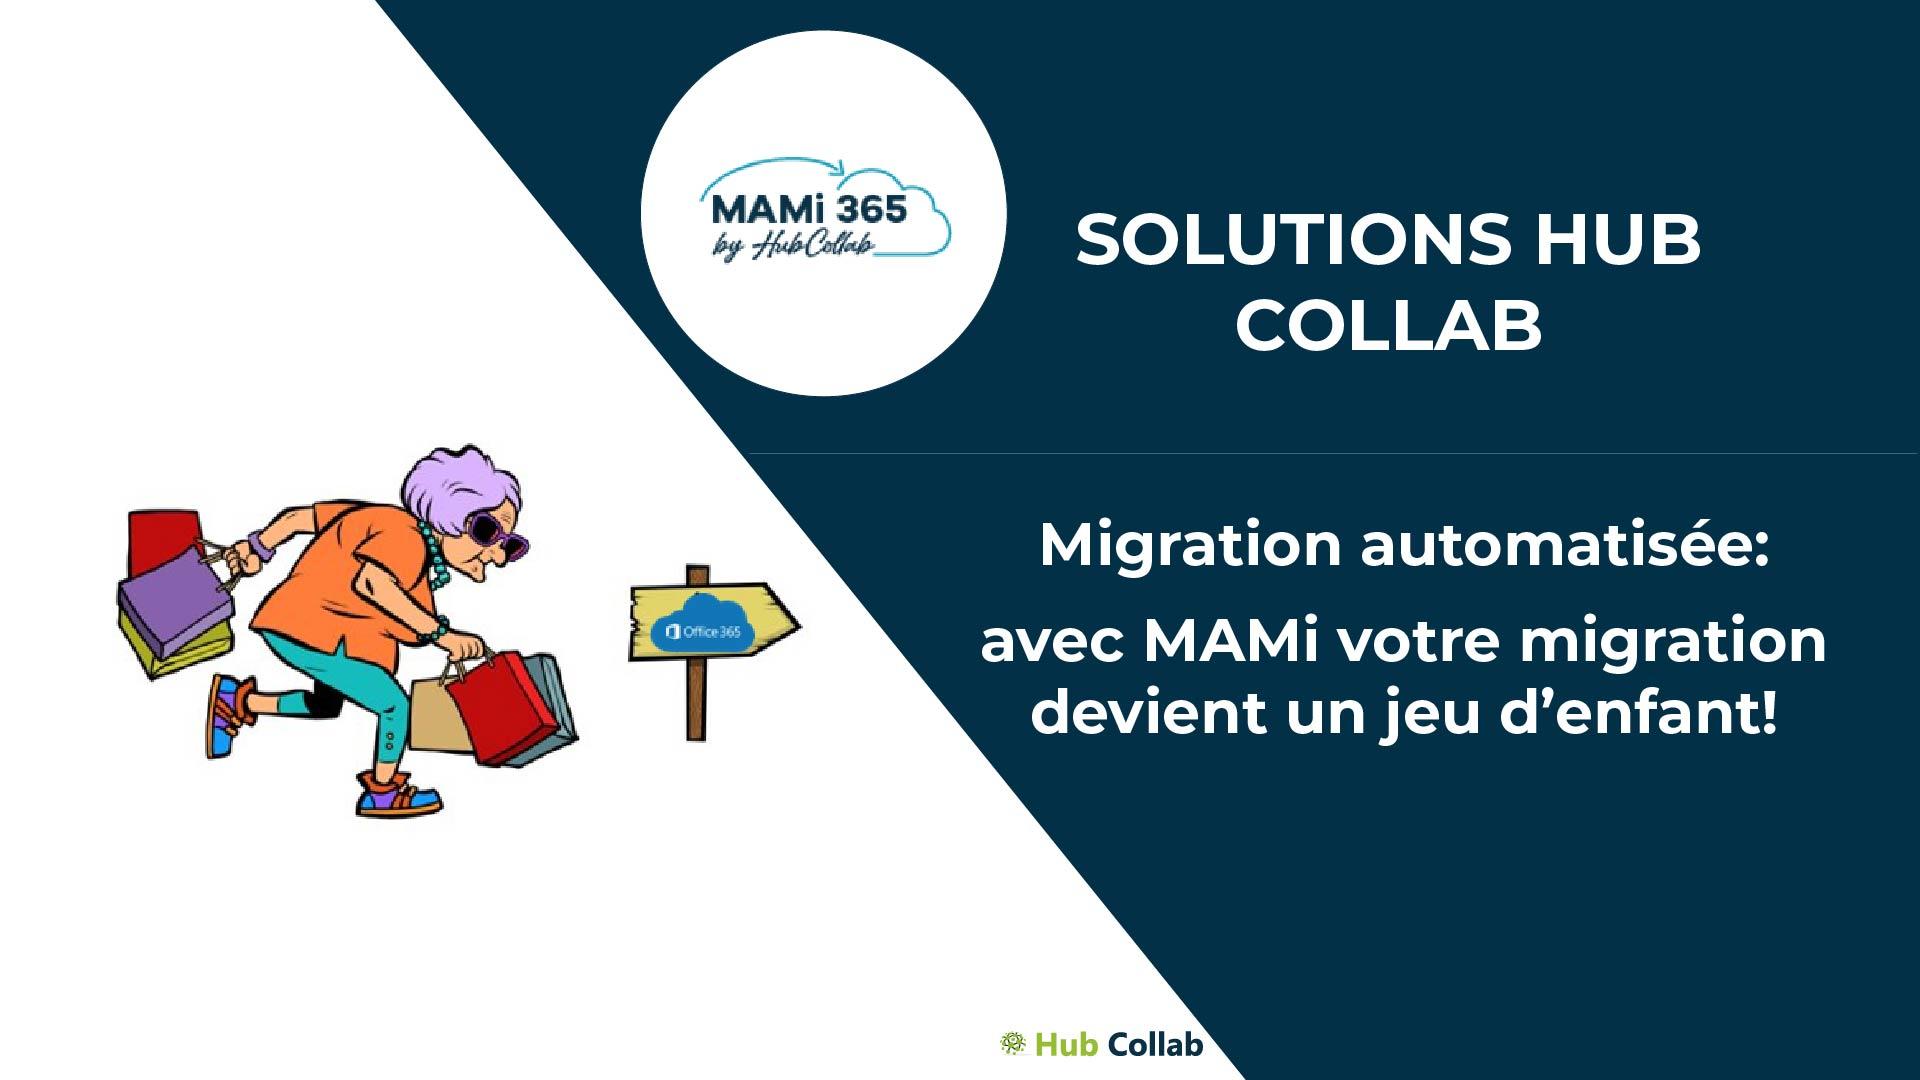 Migration Automatisée : Avec MAMI votre migration devient un jeu d'enfant !